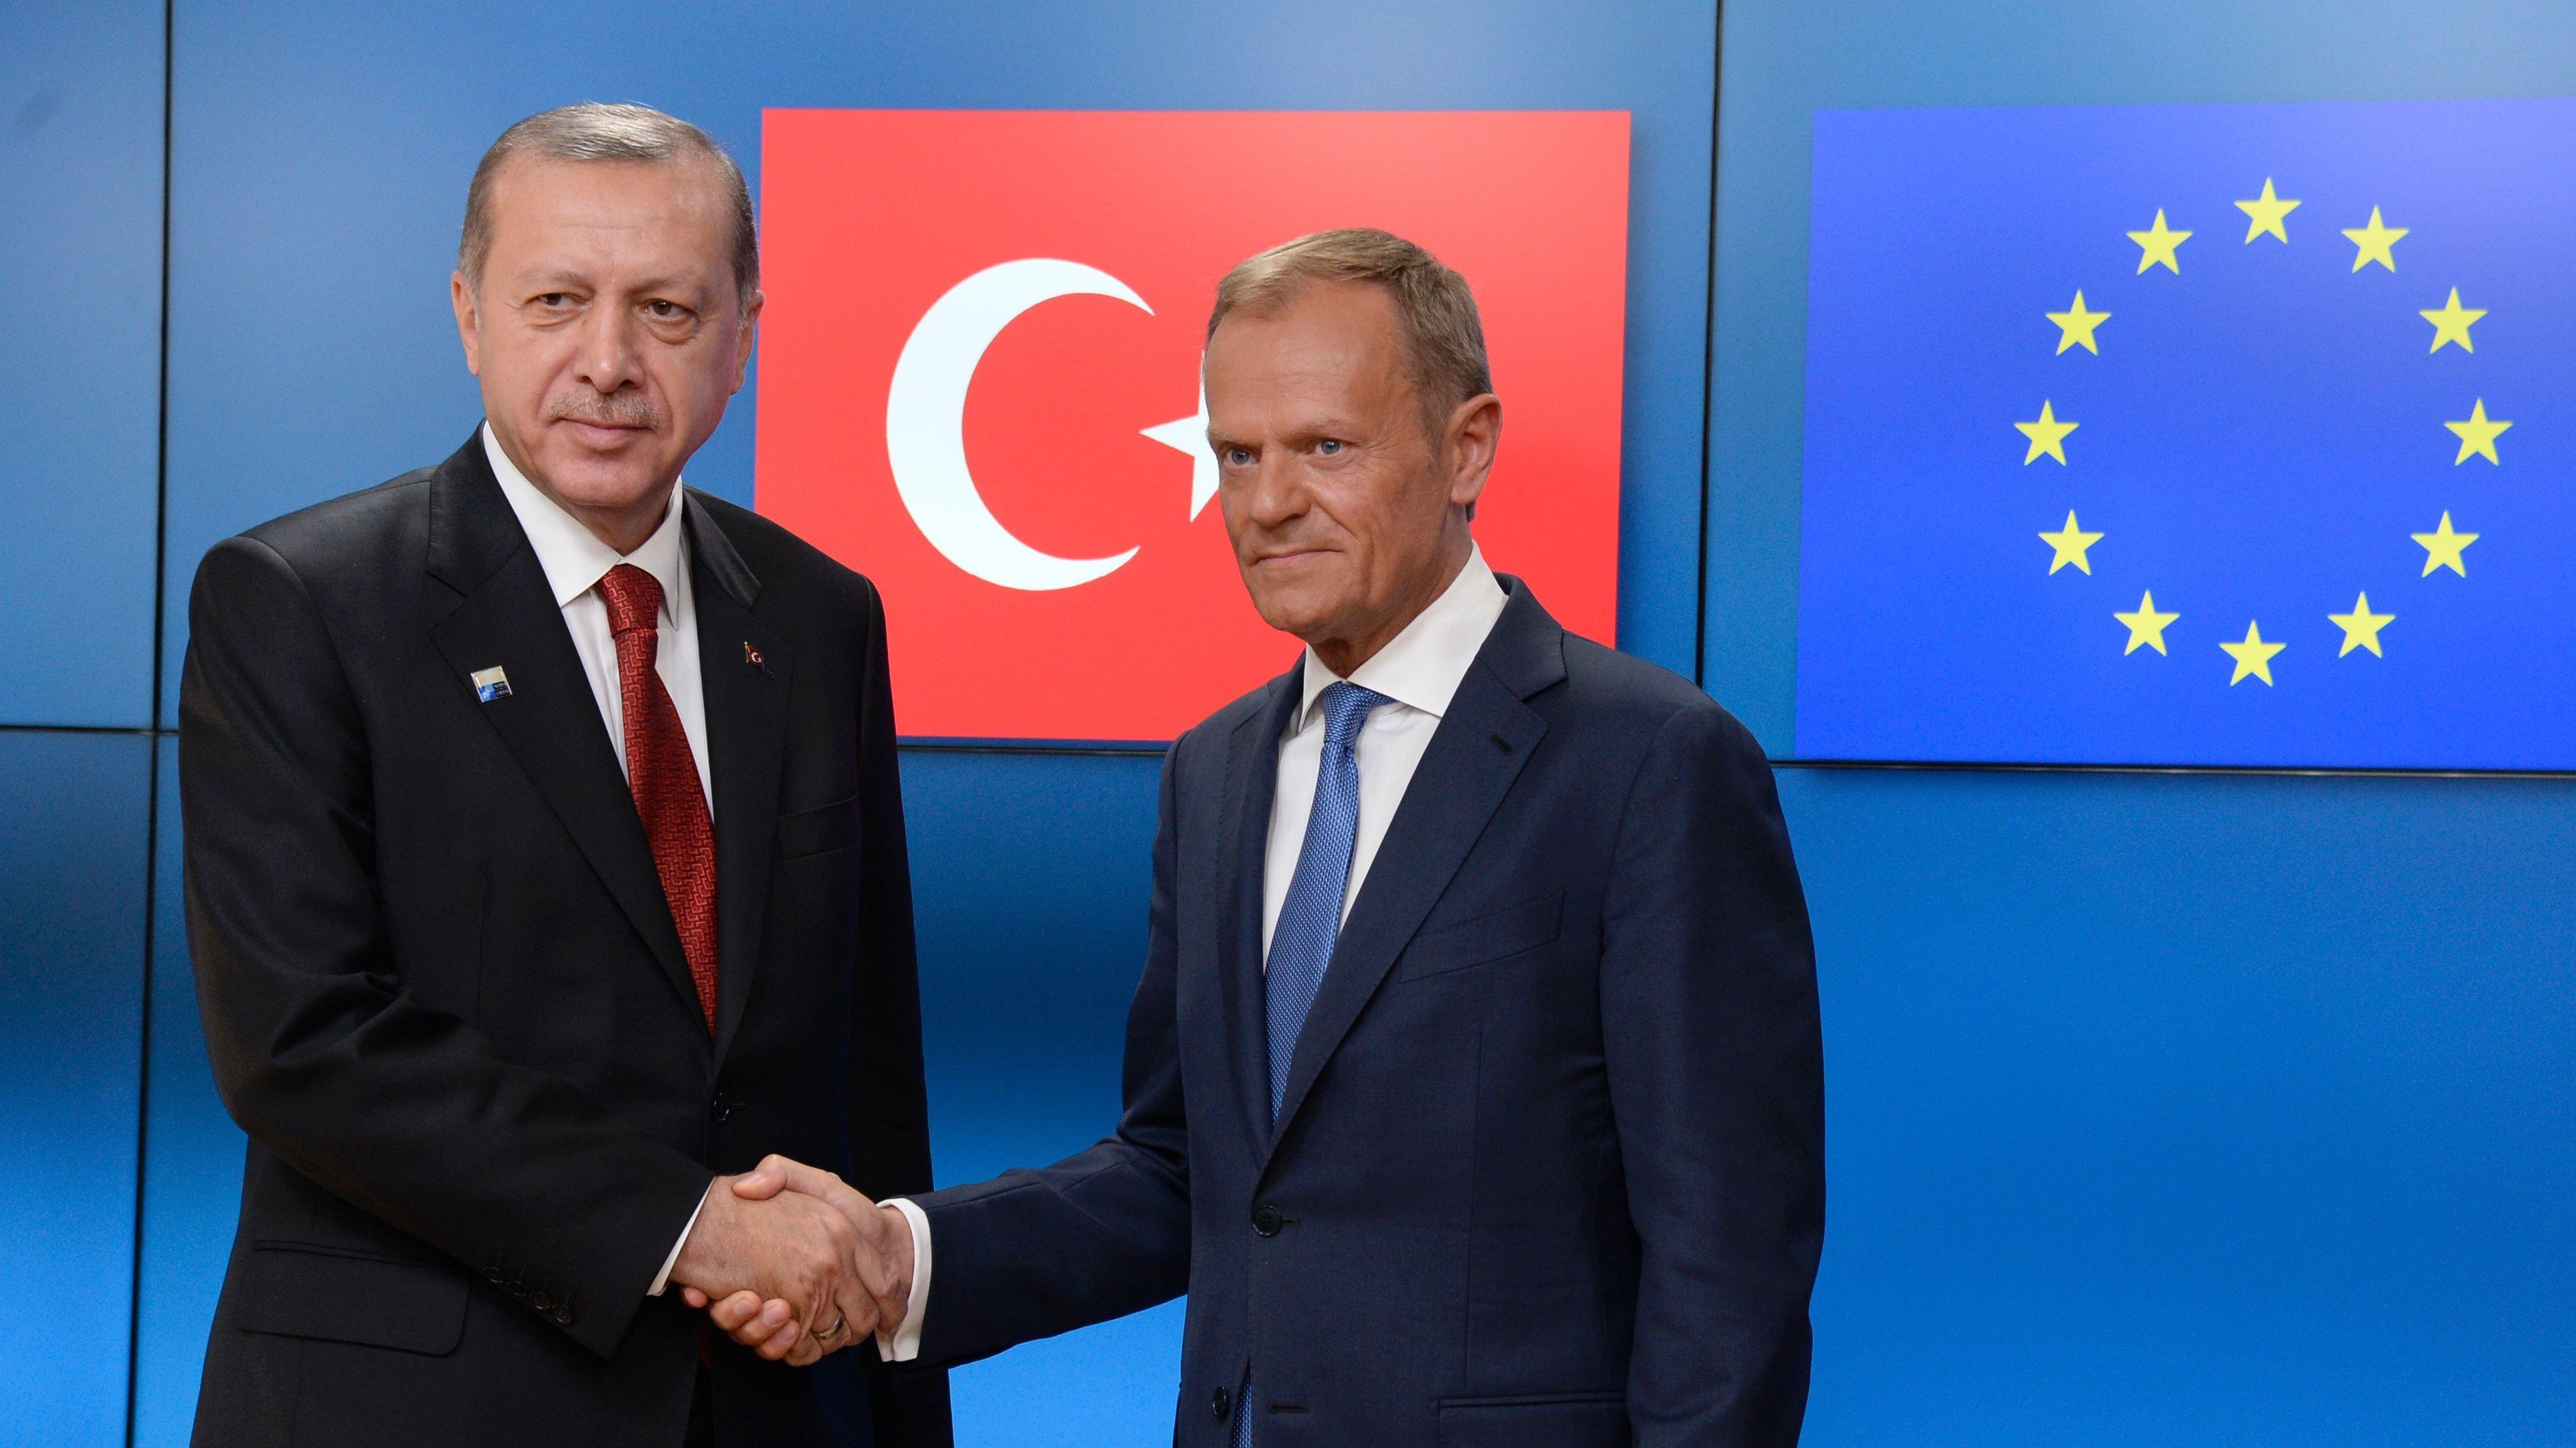 Σύνοδο ΕΕ-Τουρκίας το Μάρτιο στη